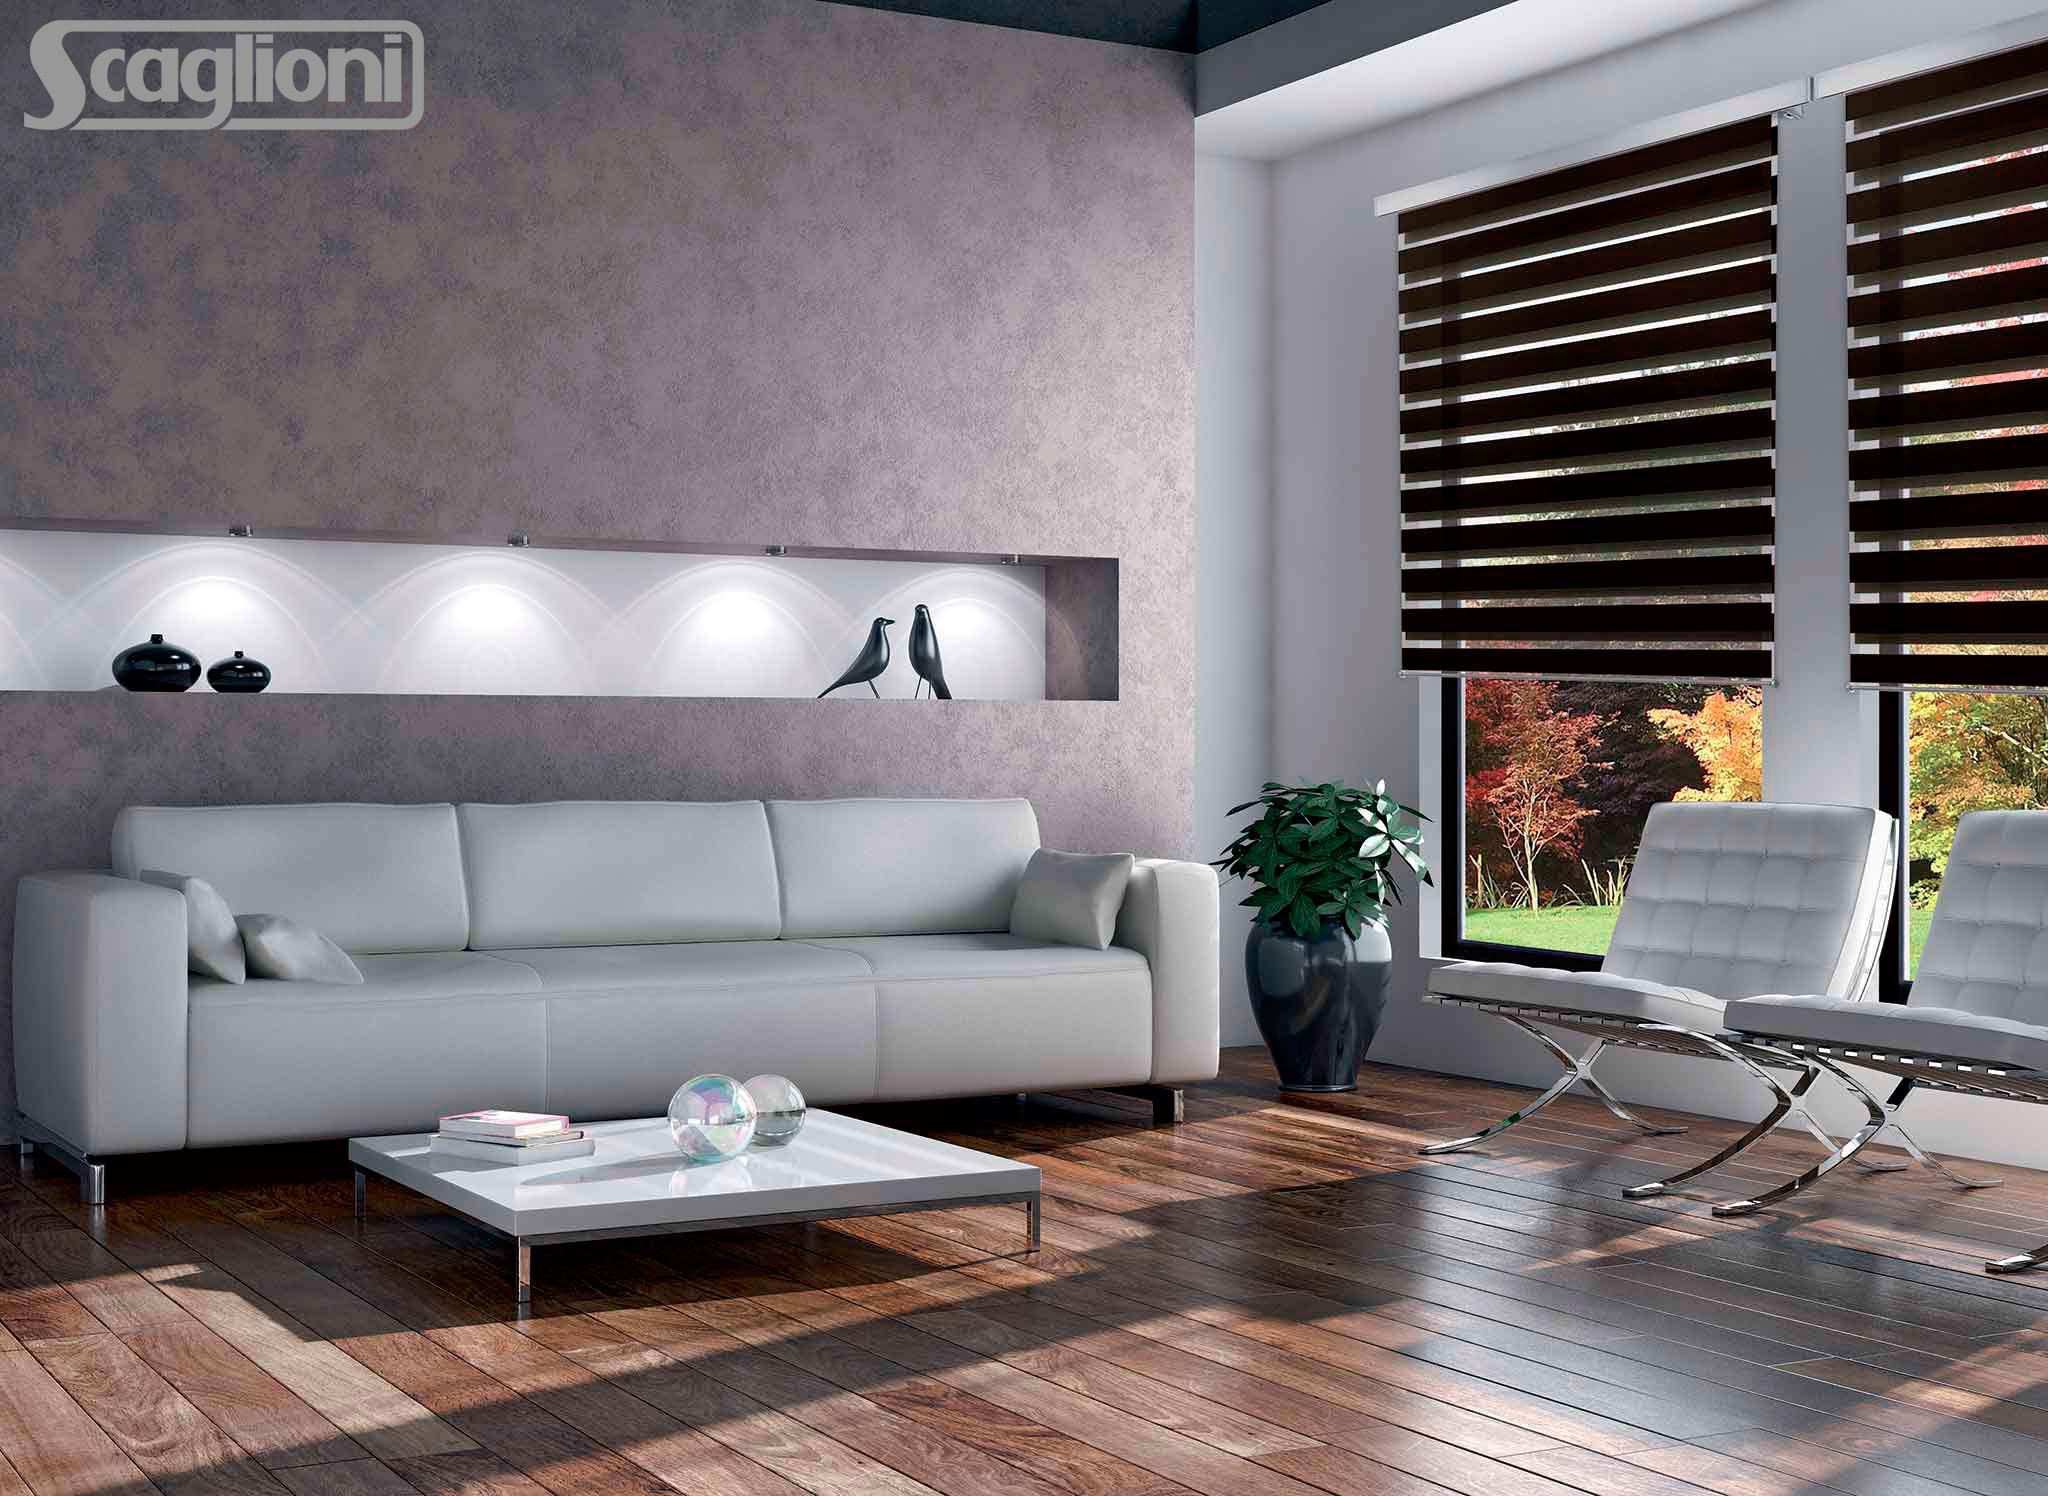 Tende a rullo per ambienti moderni mapi tende magenta for Ambienti interni moderni